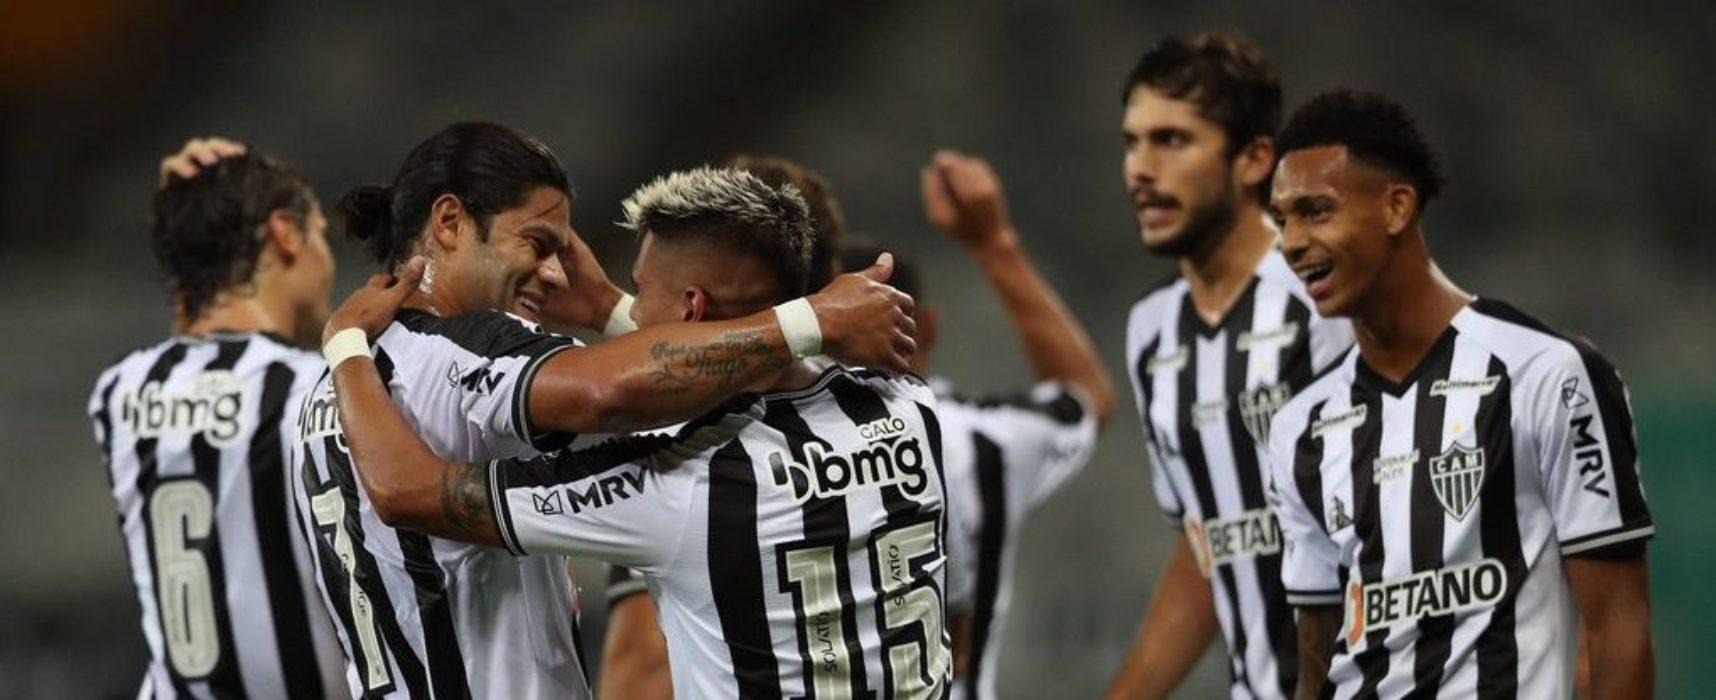 Na estreia de Hulk, Atlético goleia Uberlândia e vira líder do Mineiro